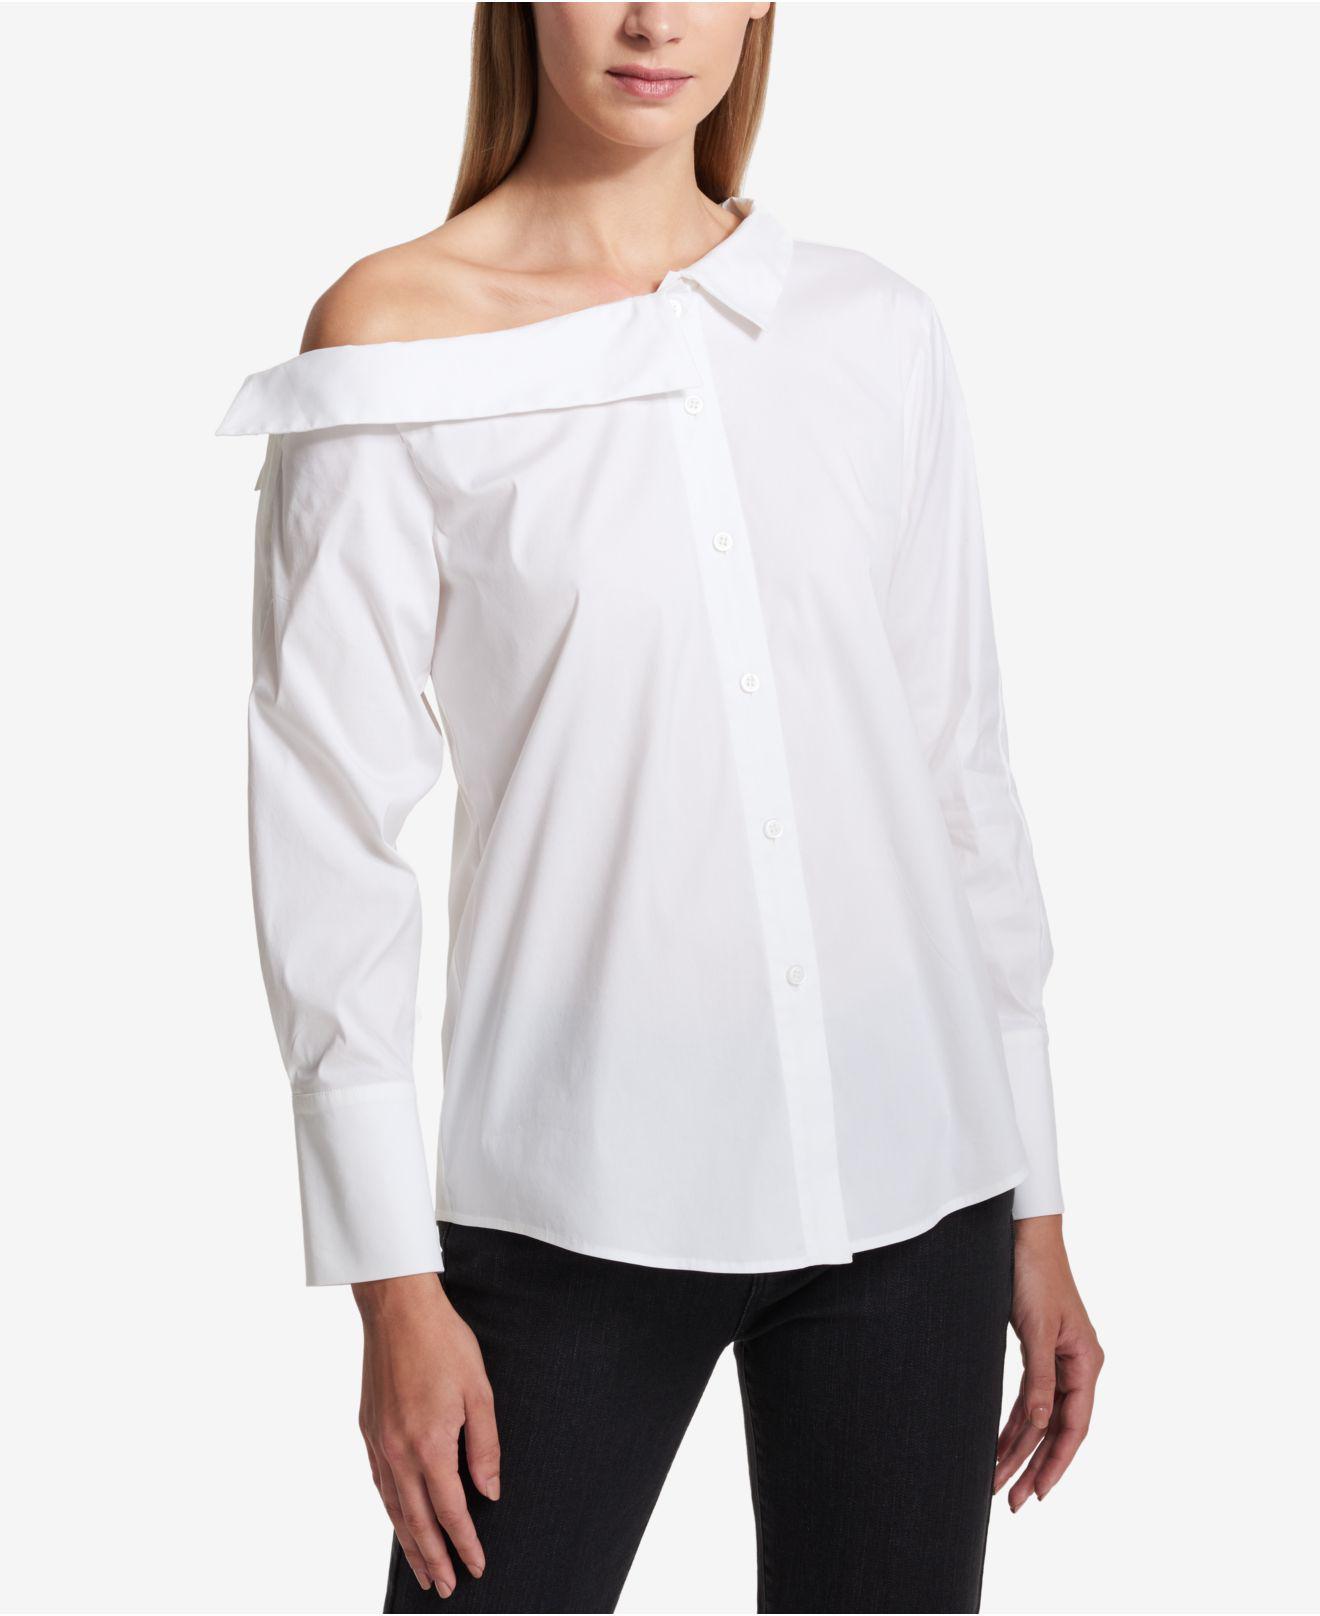 a11af8b10bdff9 Lyst - DKNY Off-the-shoulder Blouse in White